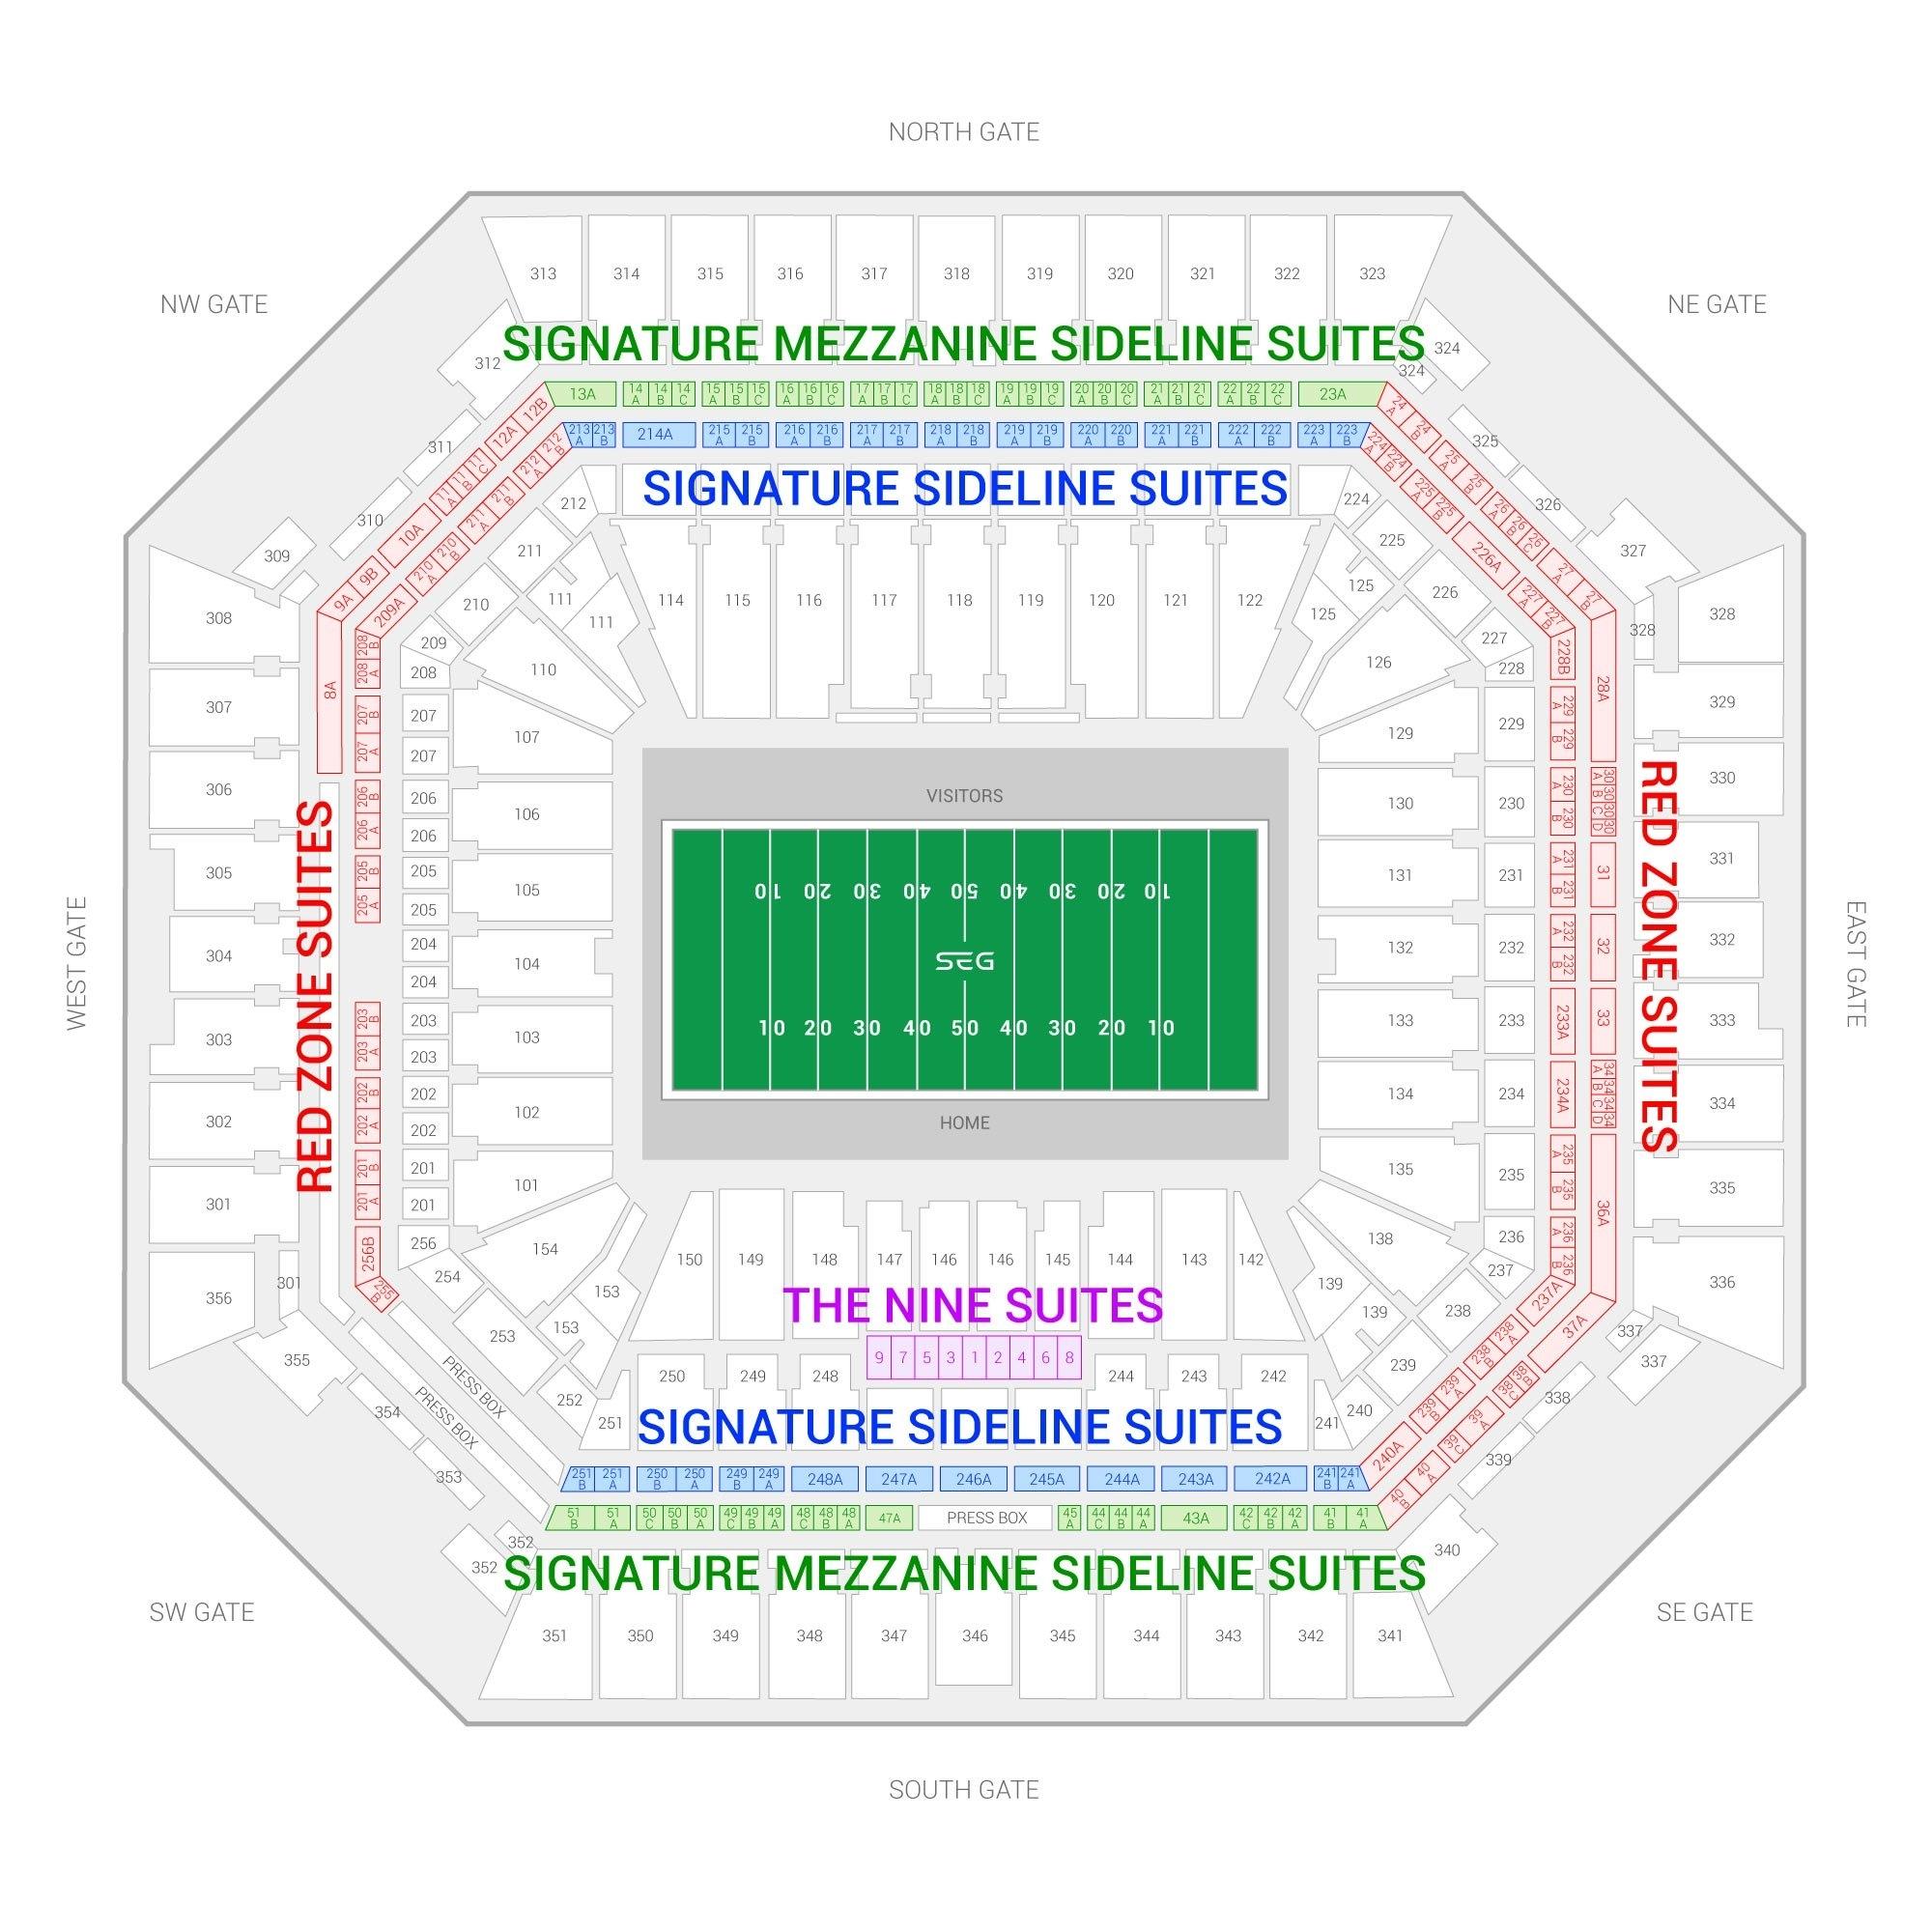 Super Bowl Liv Suite Rentals   Hard Rock Stadium regarding Super Bowl Stadium 2019 Seating Chart